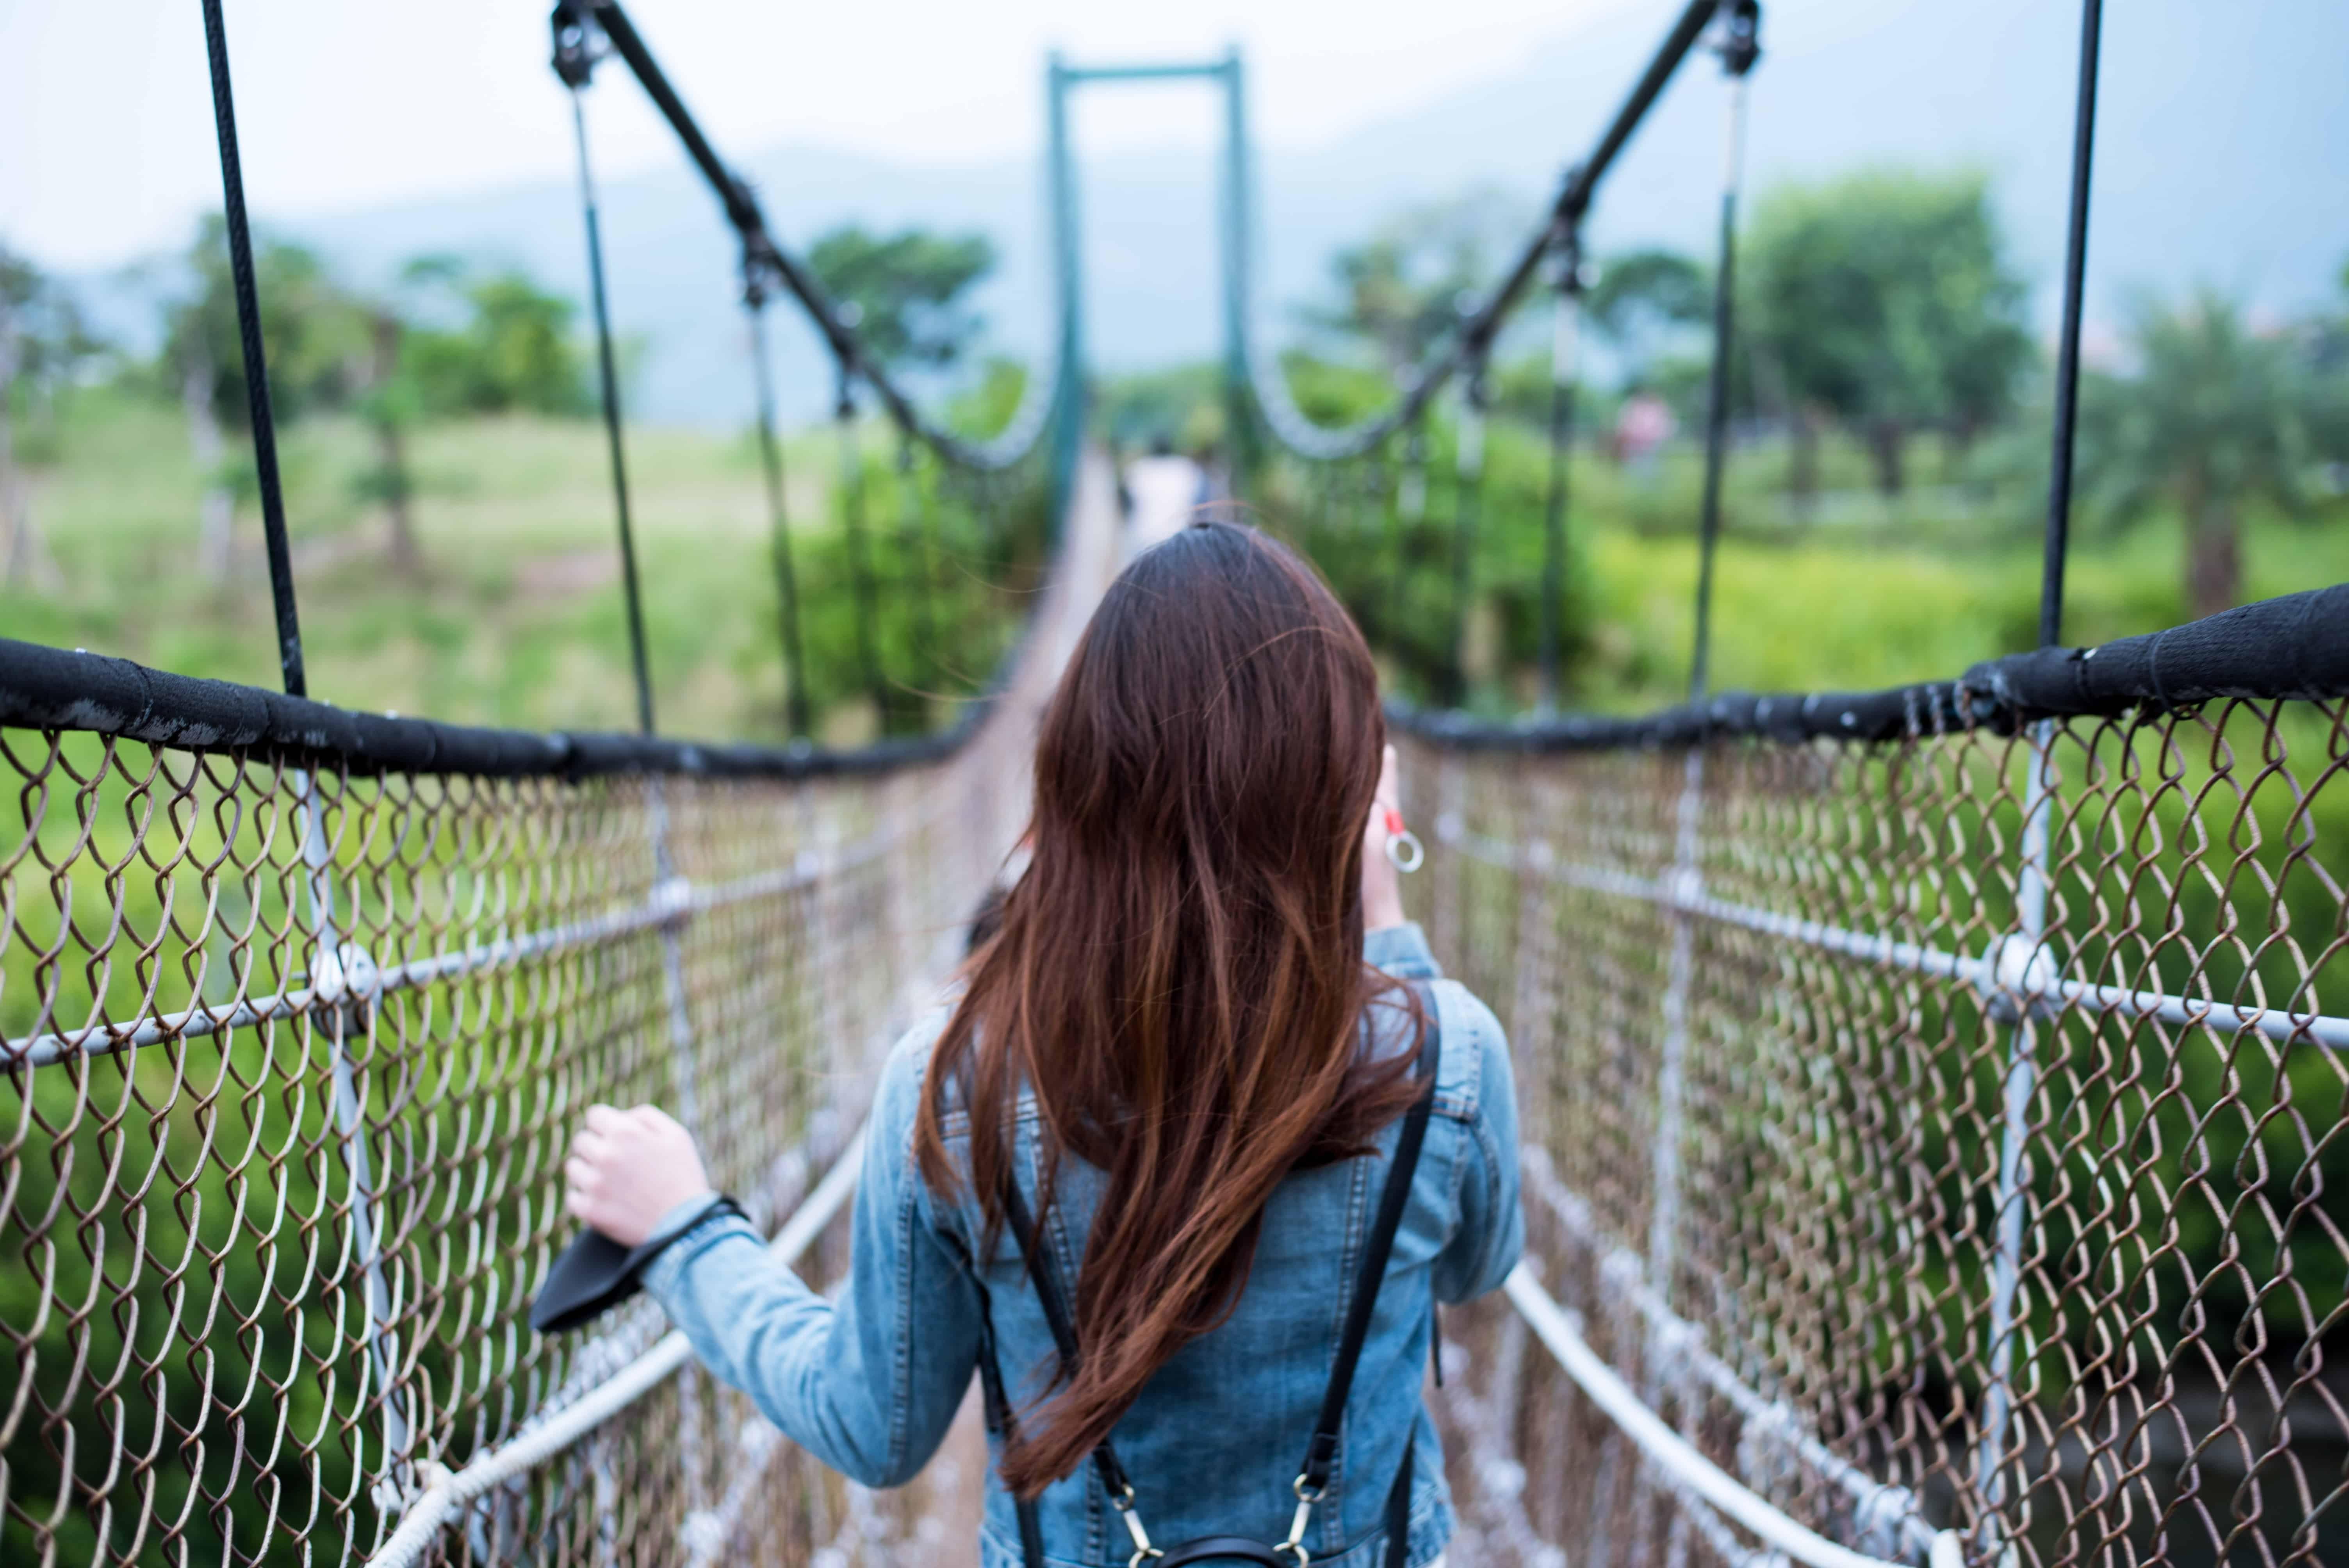 eine Frau, die auf einer Hängebrücke steht, die den Bergen gegenübersteht